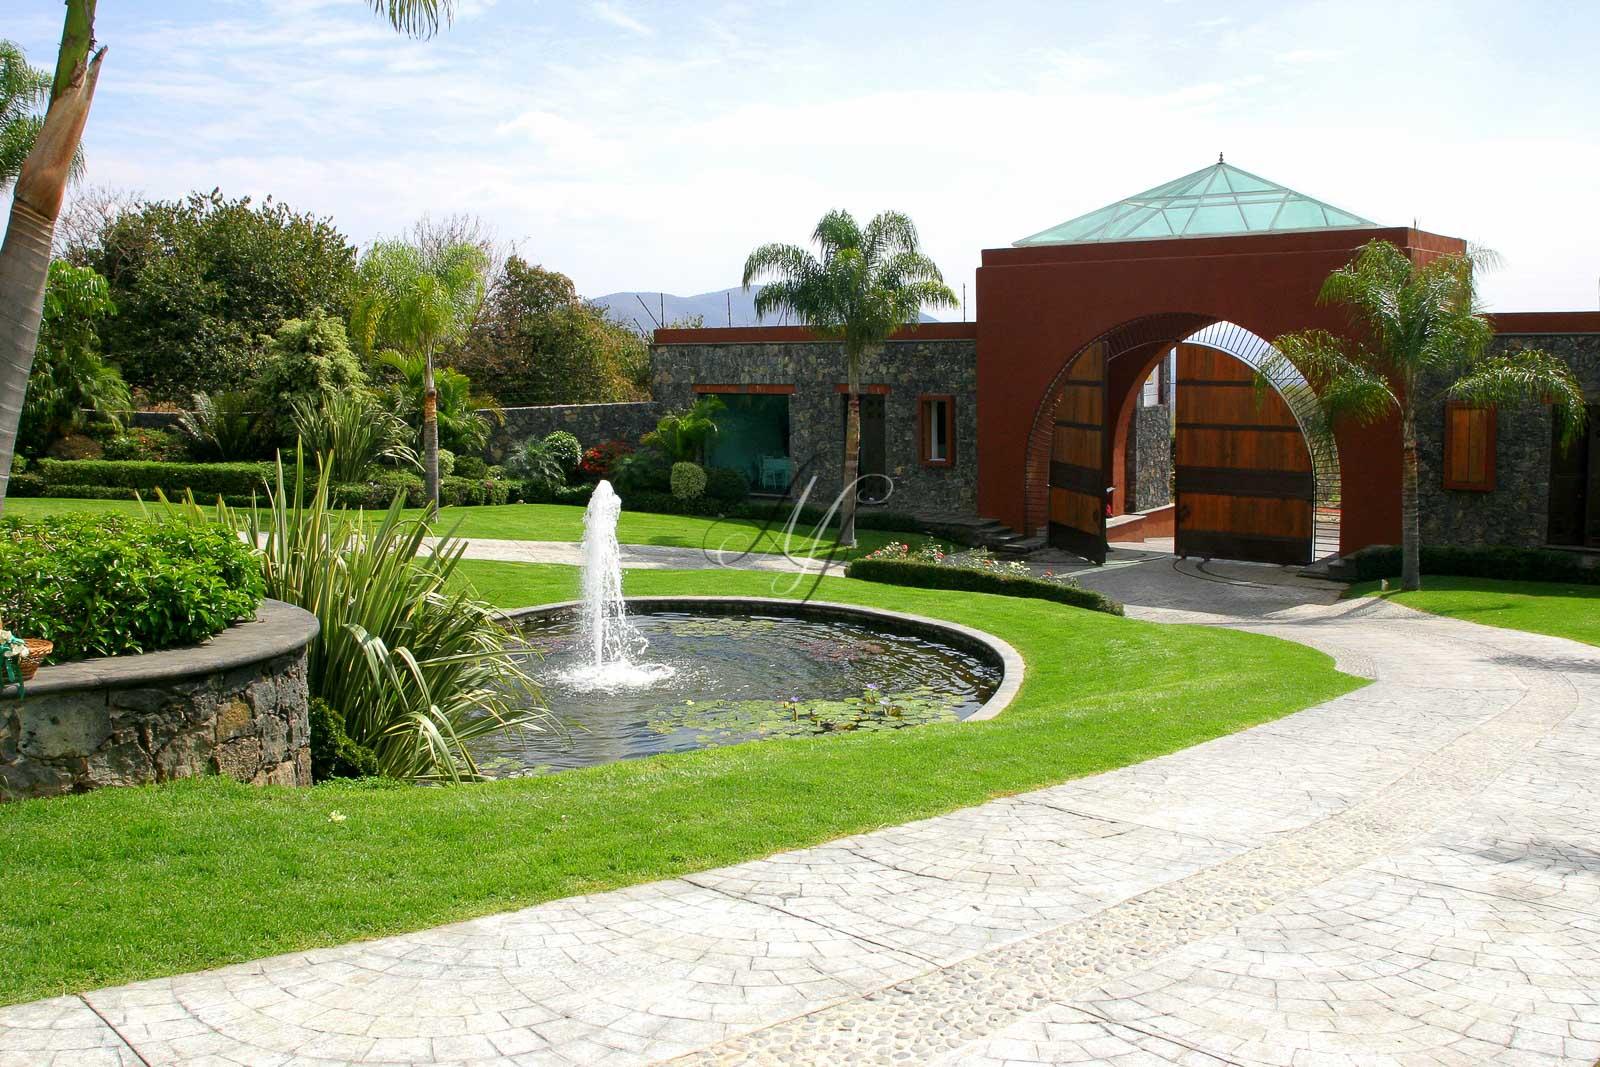 Jardin de jardines y haciendas para bodas y banquetes en Jardin villa serrano cuernavaca